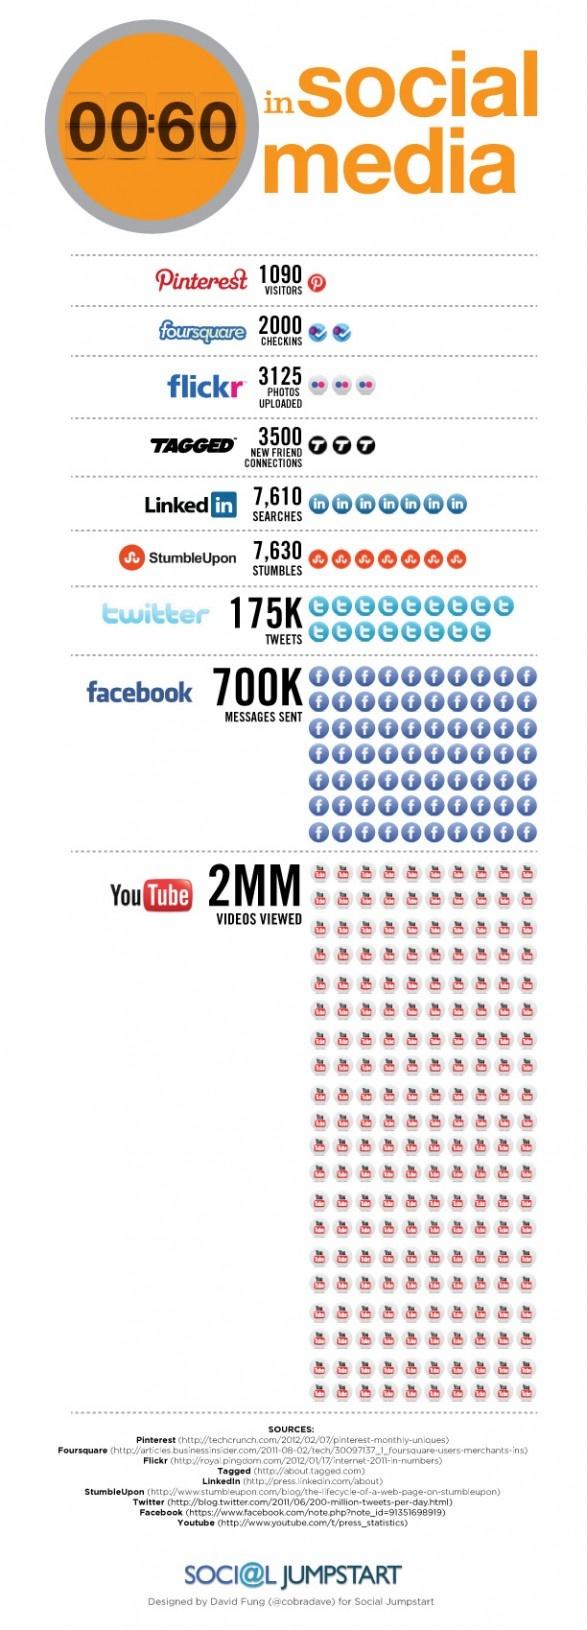 60 Seconds in Social Media